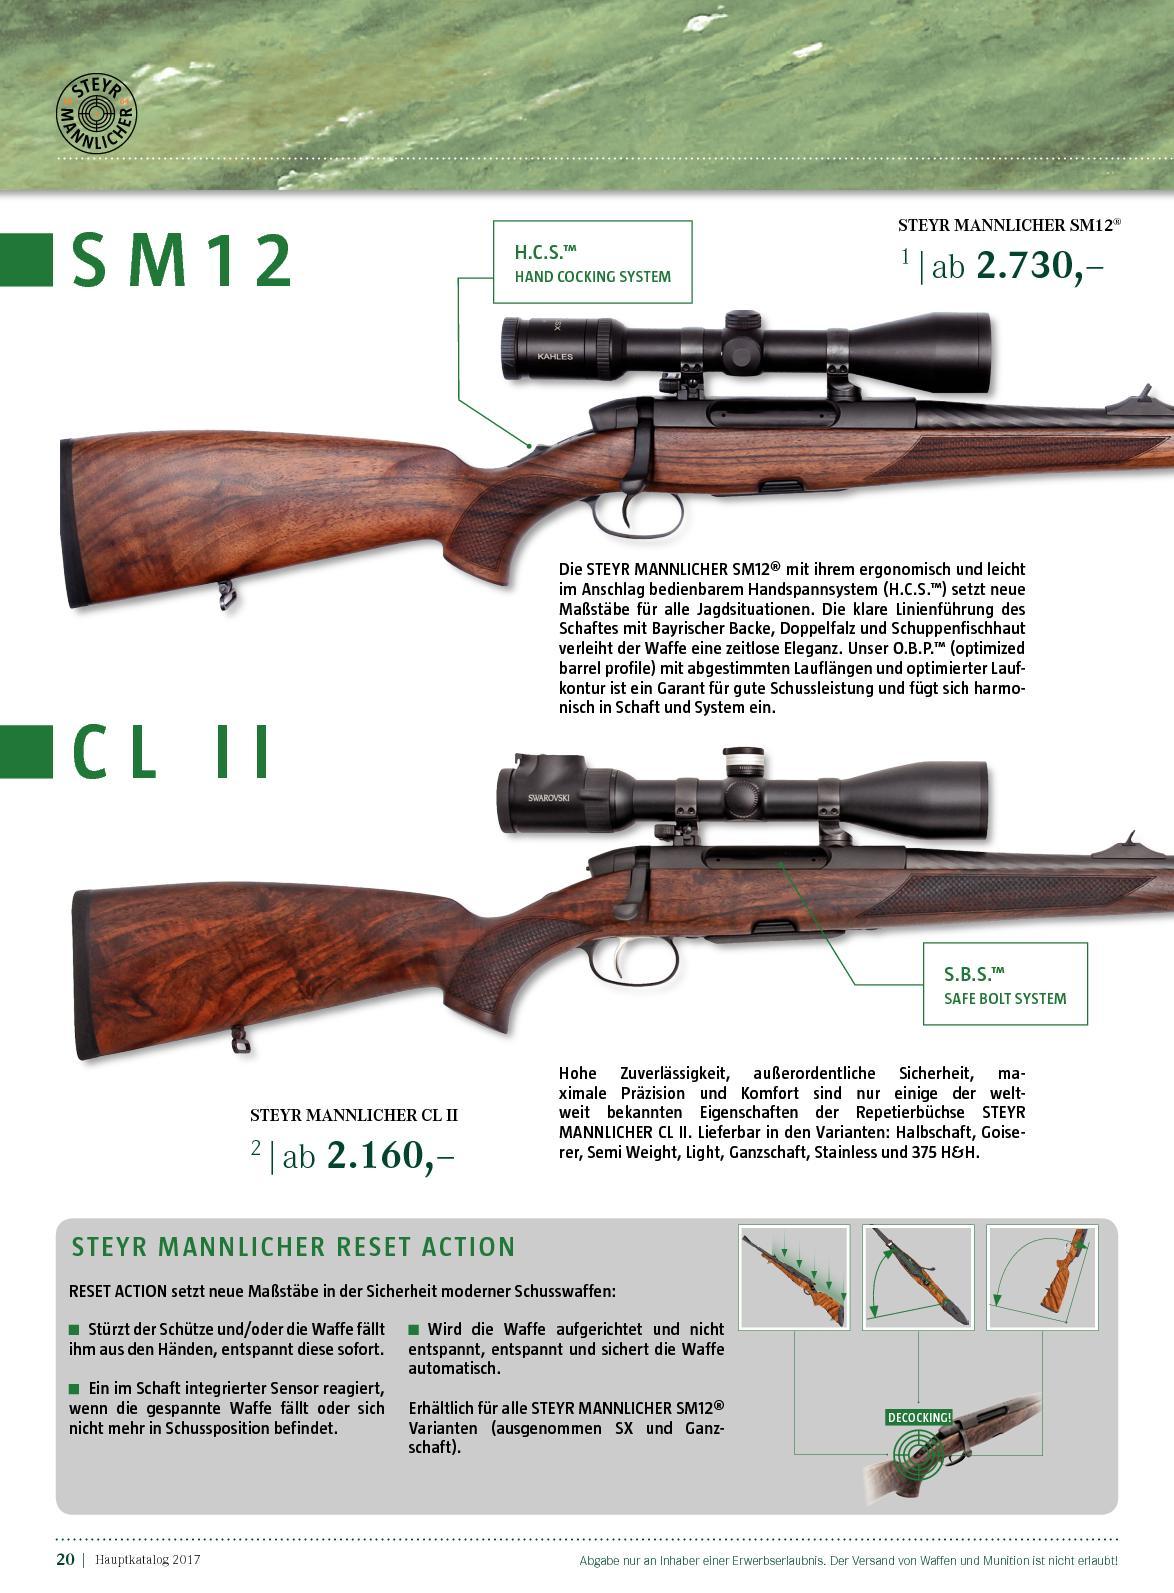 Mannlicher schaft Berthier Rifle